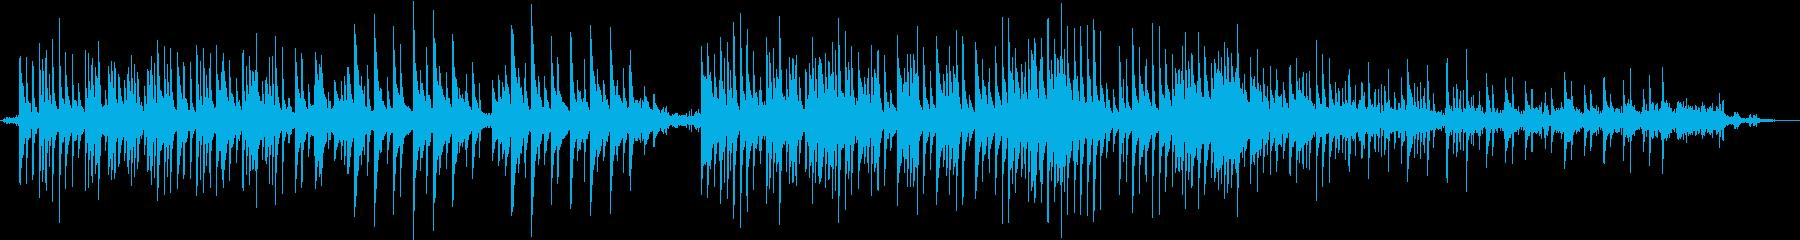 静かなピアノ曲3拍子 雨の音と効果音の再生済みの波形